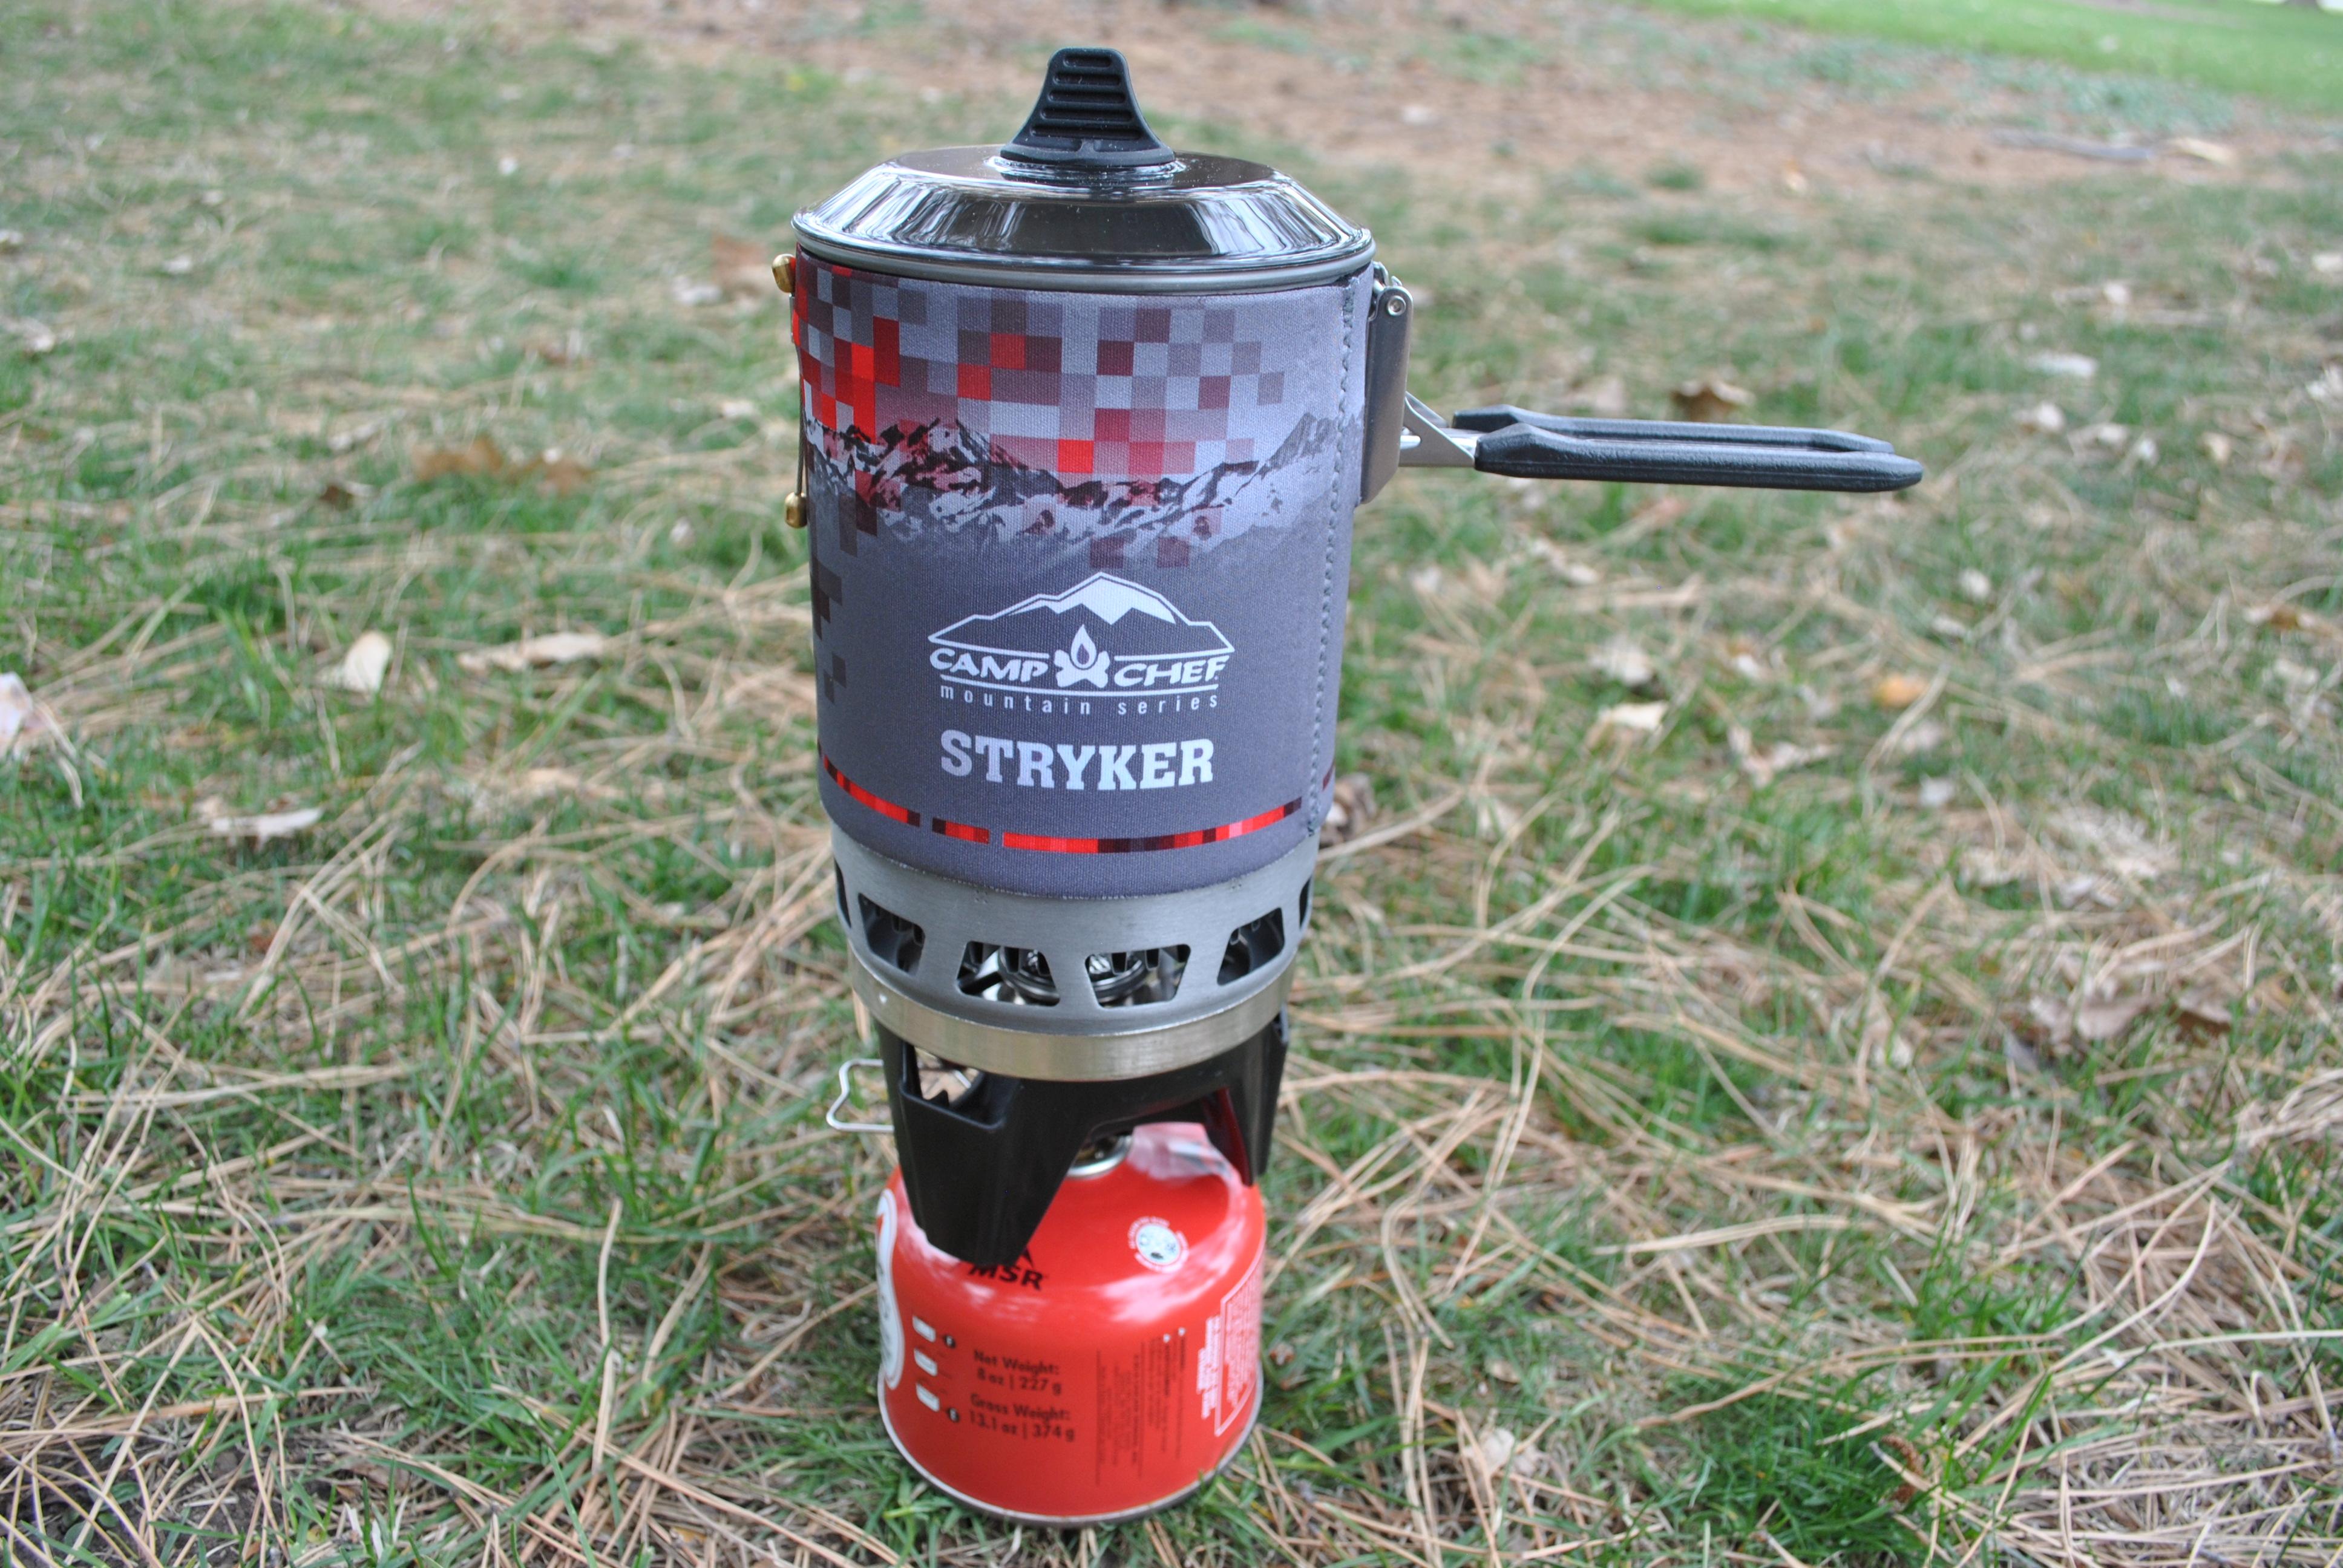 CampChef Stryker